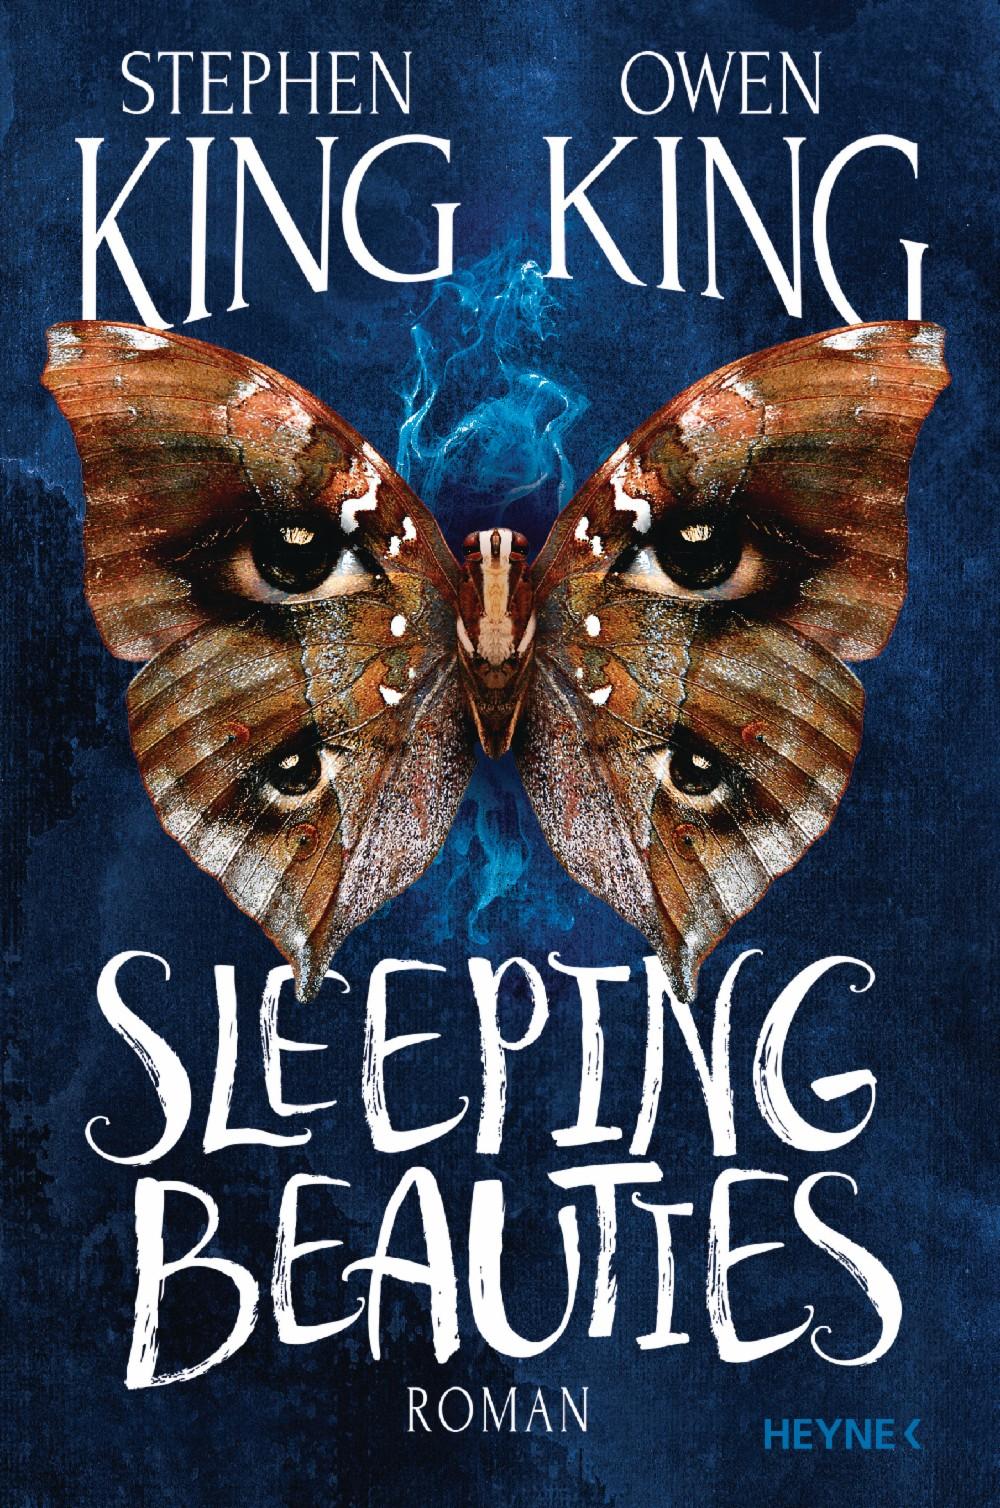 Stephen King & Owen King, Sleeping Beauties